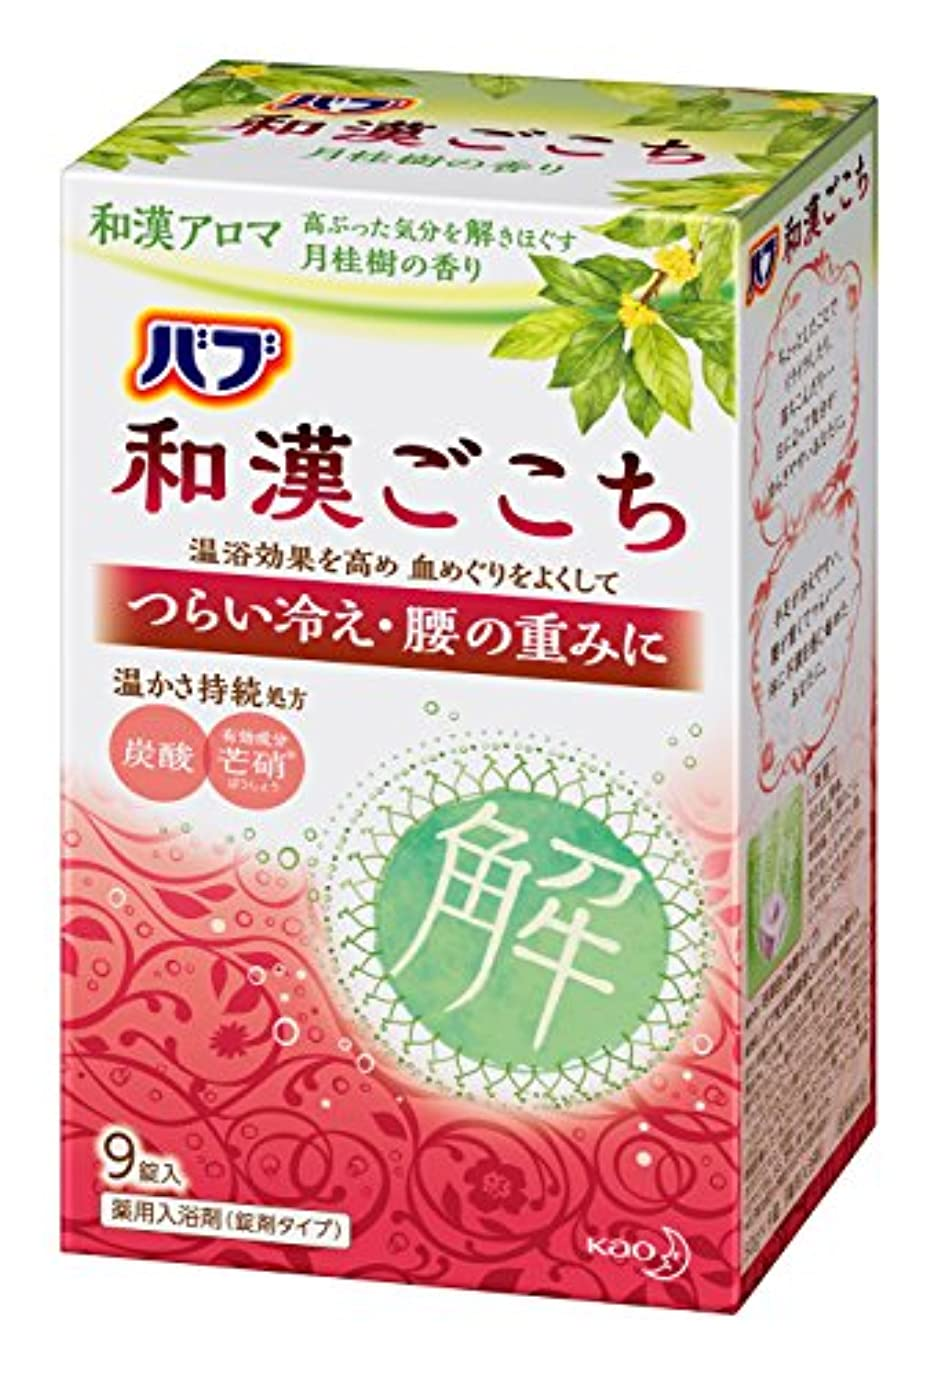 十アヒルハイライトバブ 和漢ごこち 月桂樹の香り 9錠入 [医薬部外品]